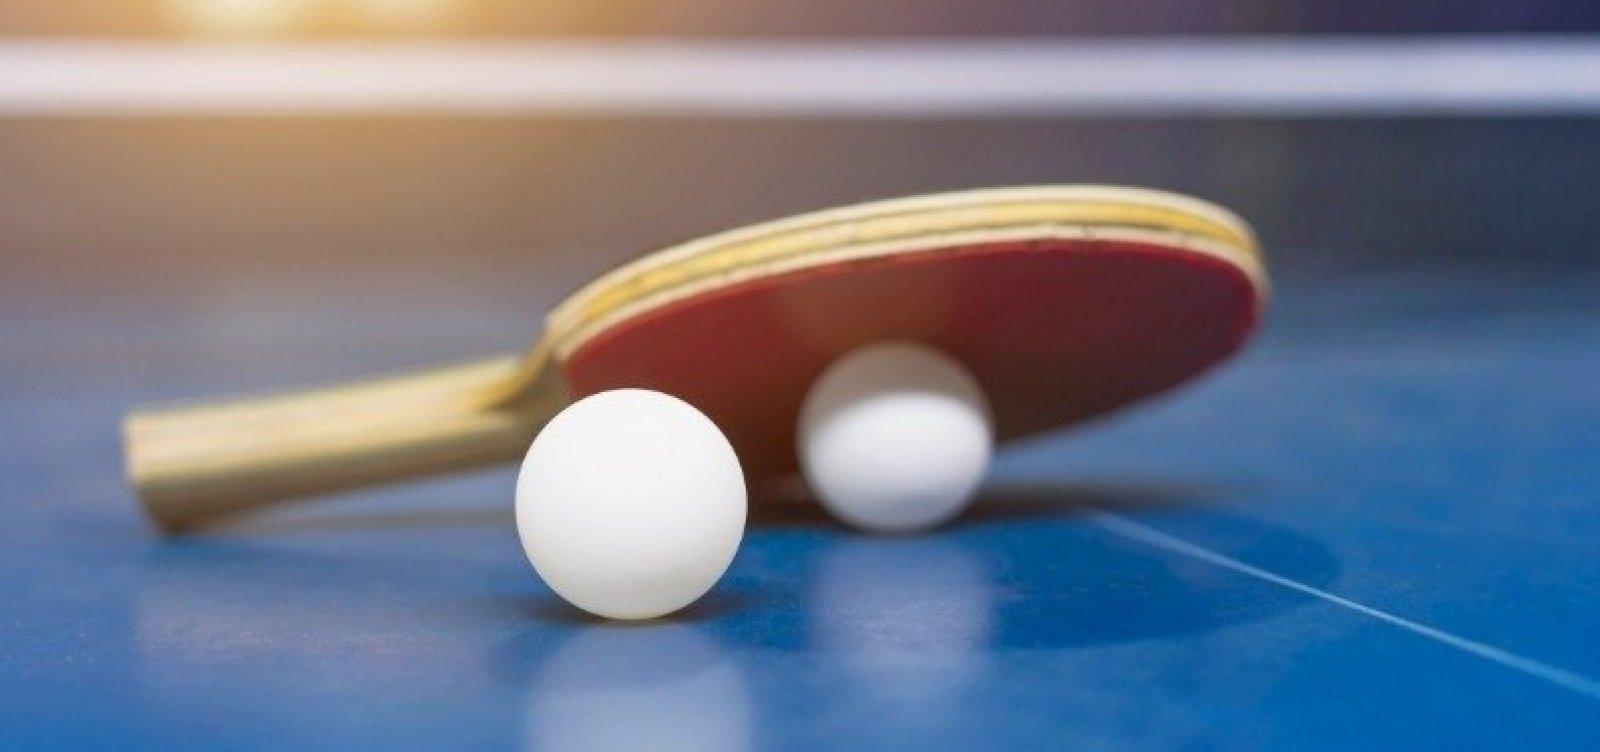 Tênis de mesa brasileiro vai às quartas de final por equipes e reforça boa fase